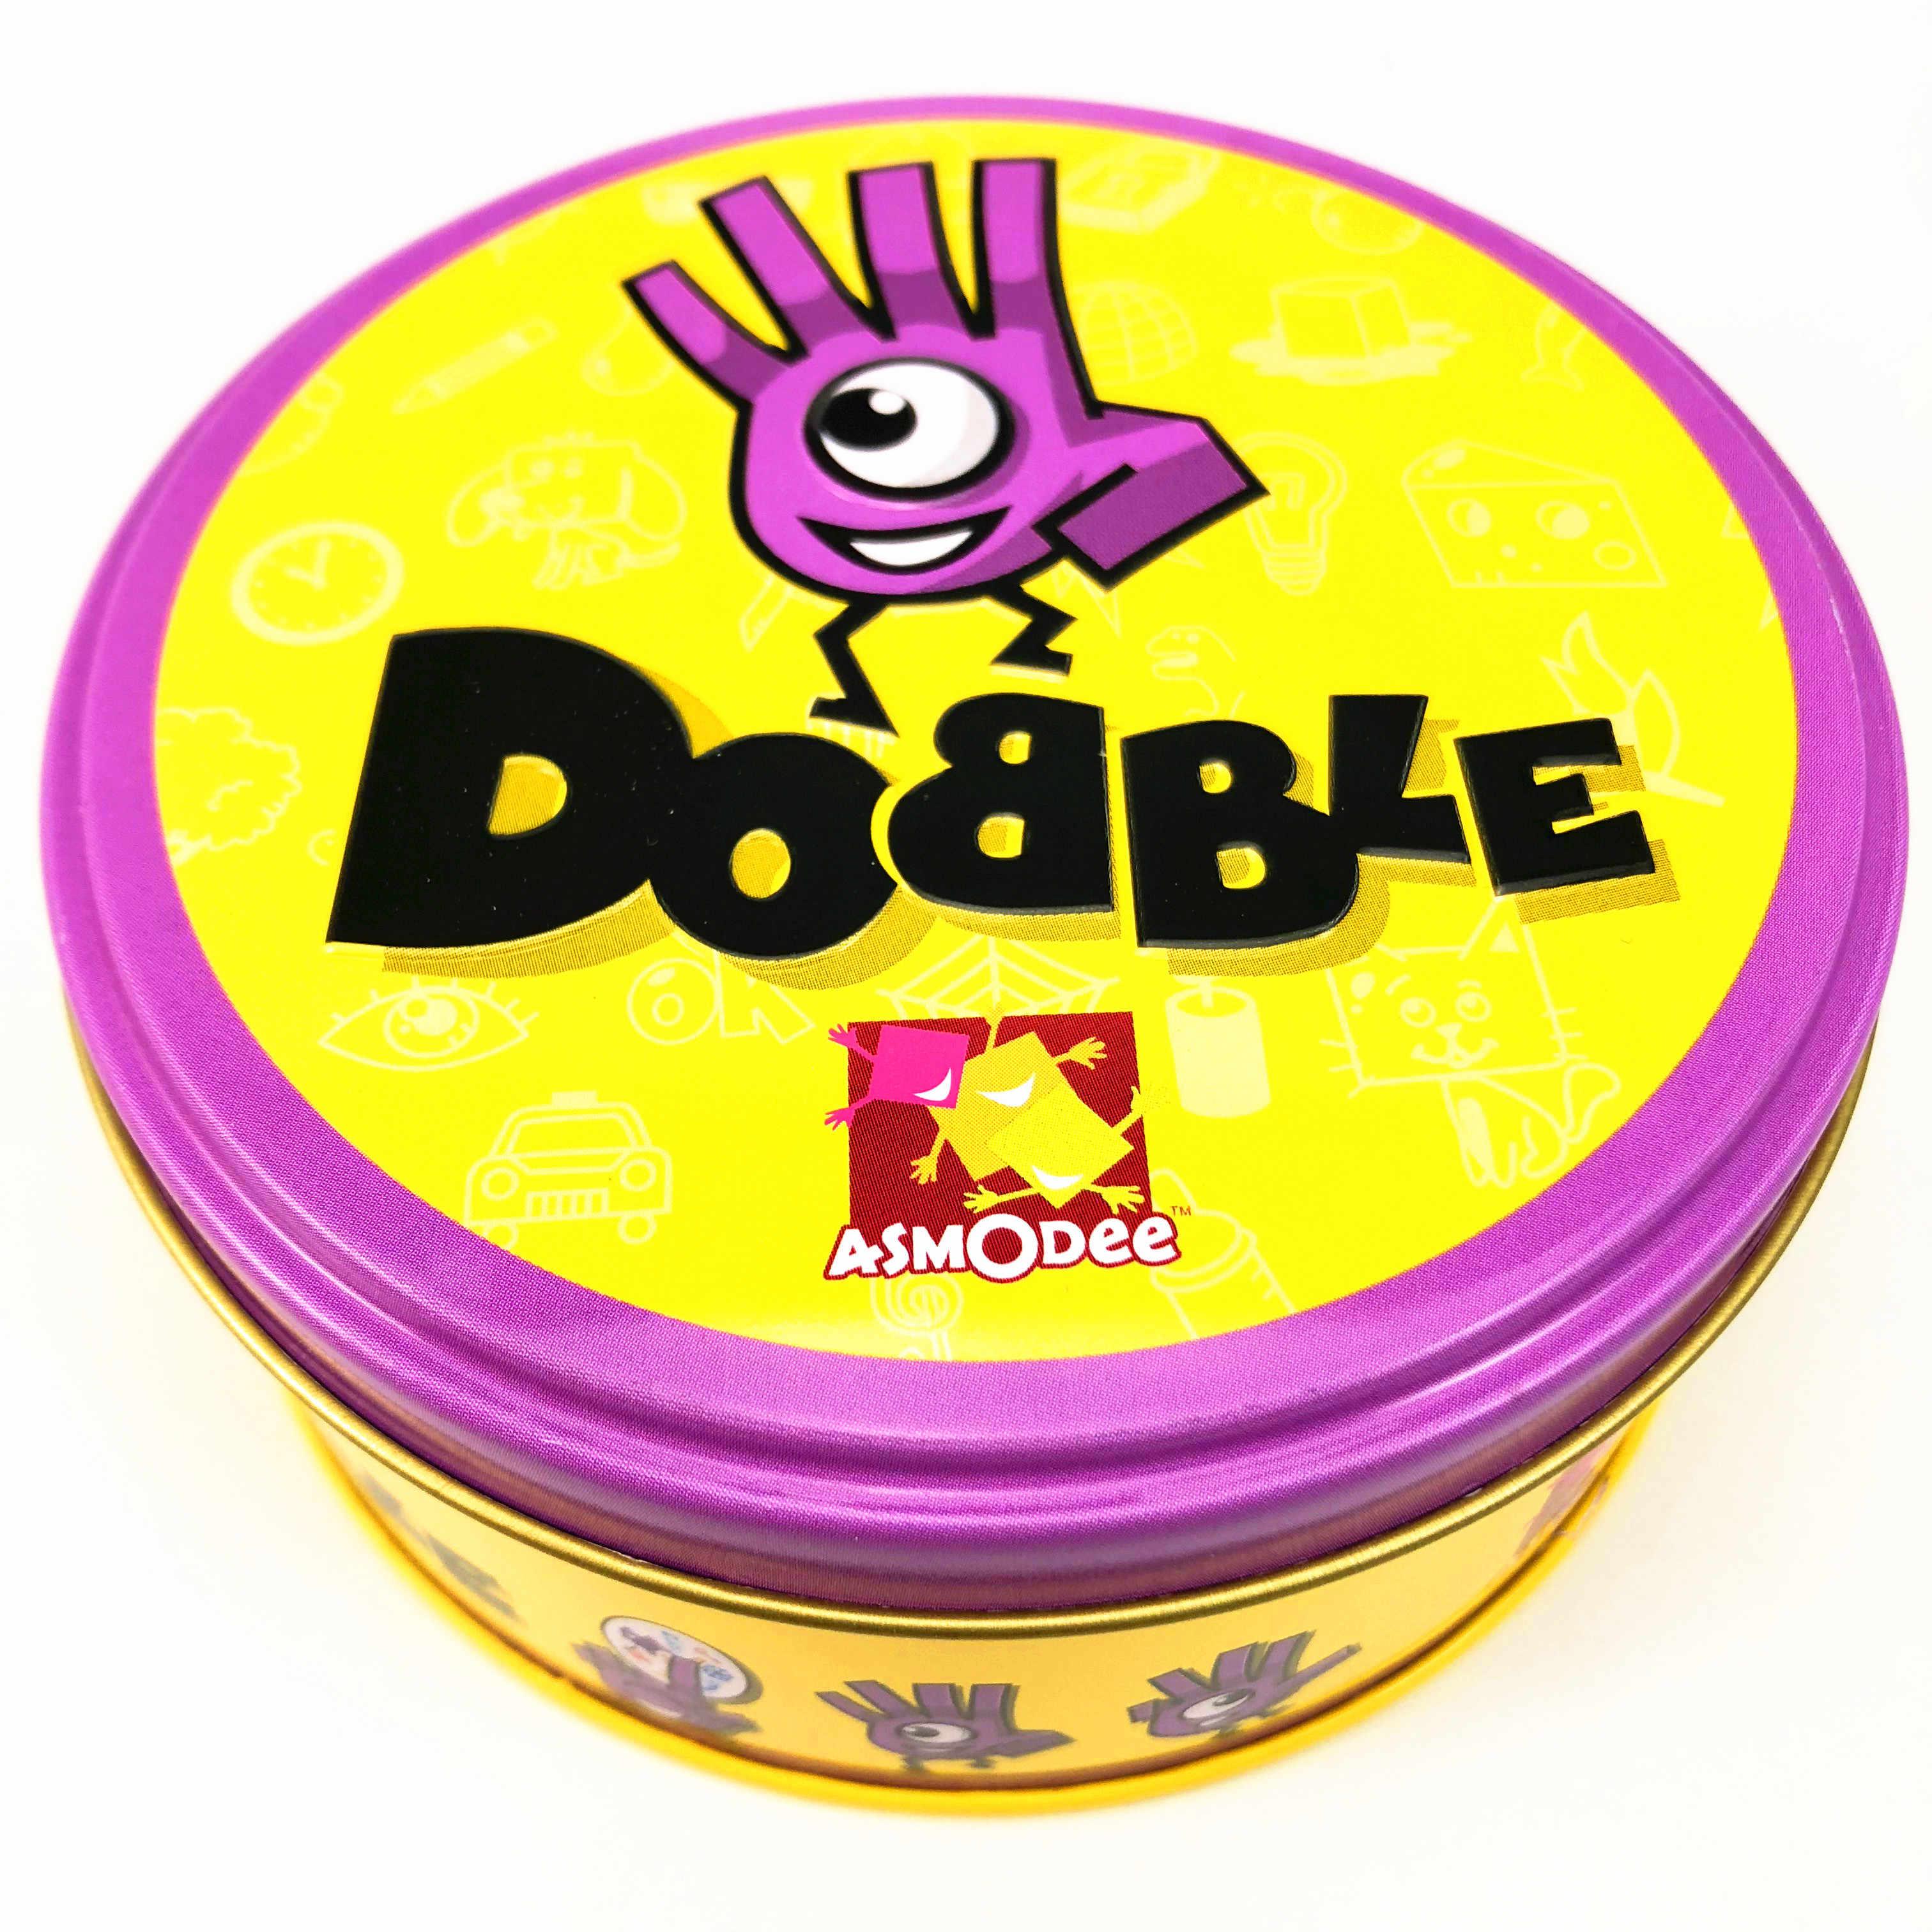 Tempat Itu dan Dobble Kartu Meja Permainan Papan Permainan untuk Dobbles Anak-anak Tempat Kartu Ini Pergi Berkemah Kotak Timah Logam shalom Bahasa Inggris Dasar Mainan